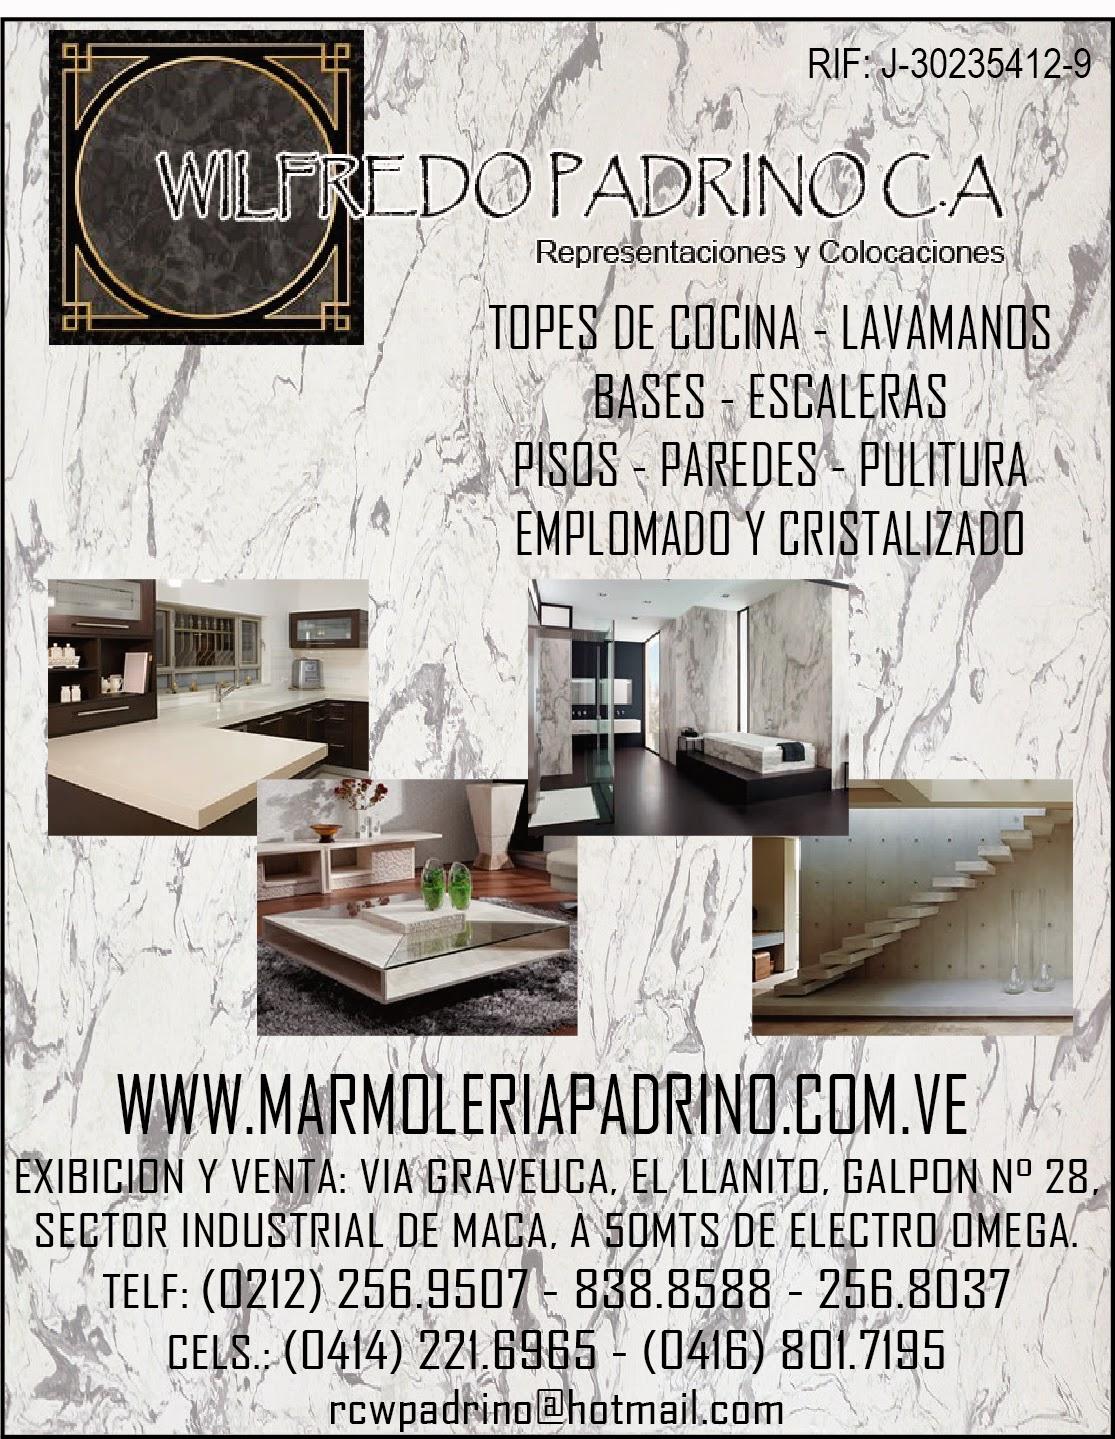 WILFREDO PADRINO C.A. en Paginas Amarillas tu guia Comercial